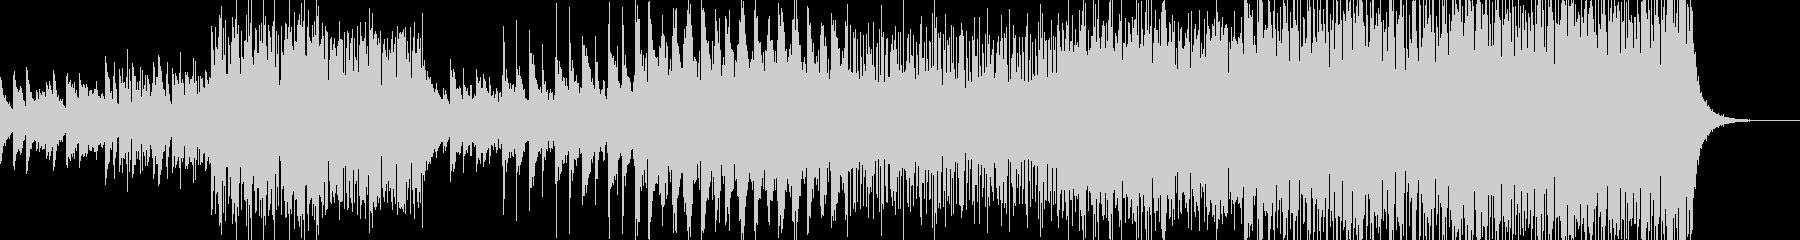 フューチャーポップ風BGMの未再生の波形